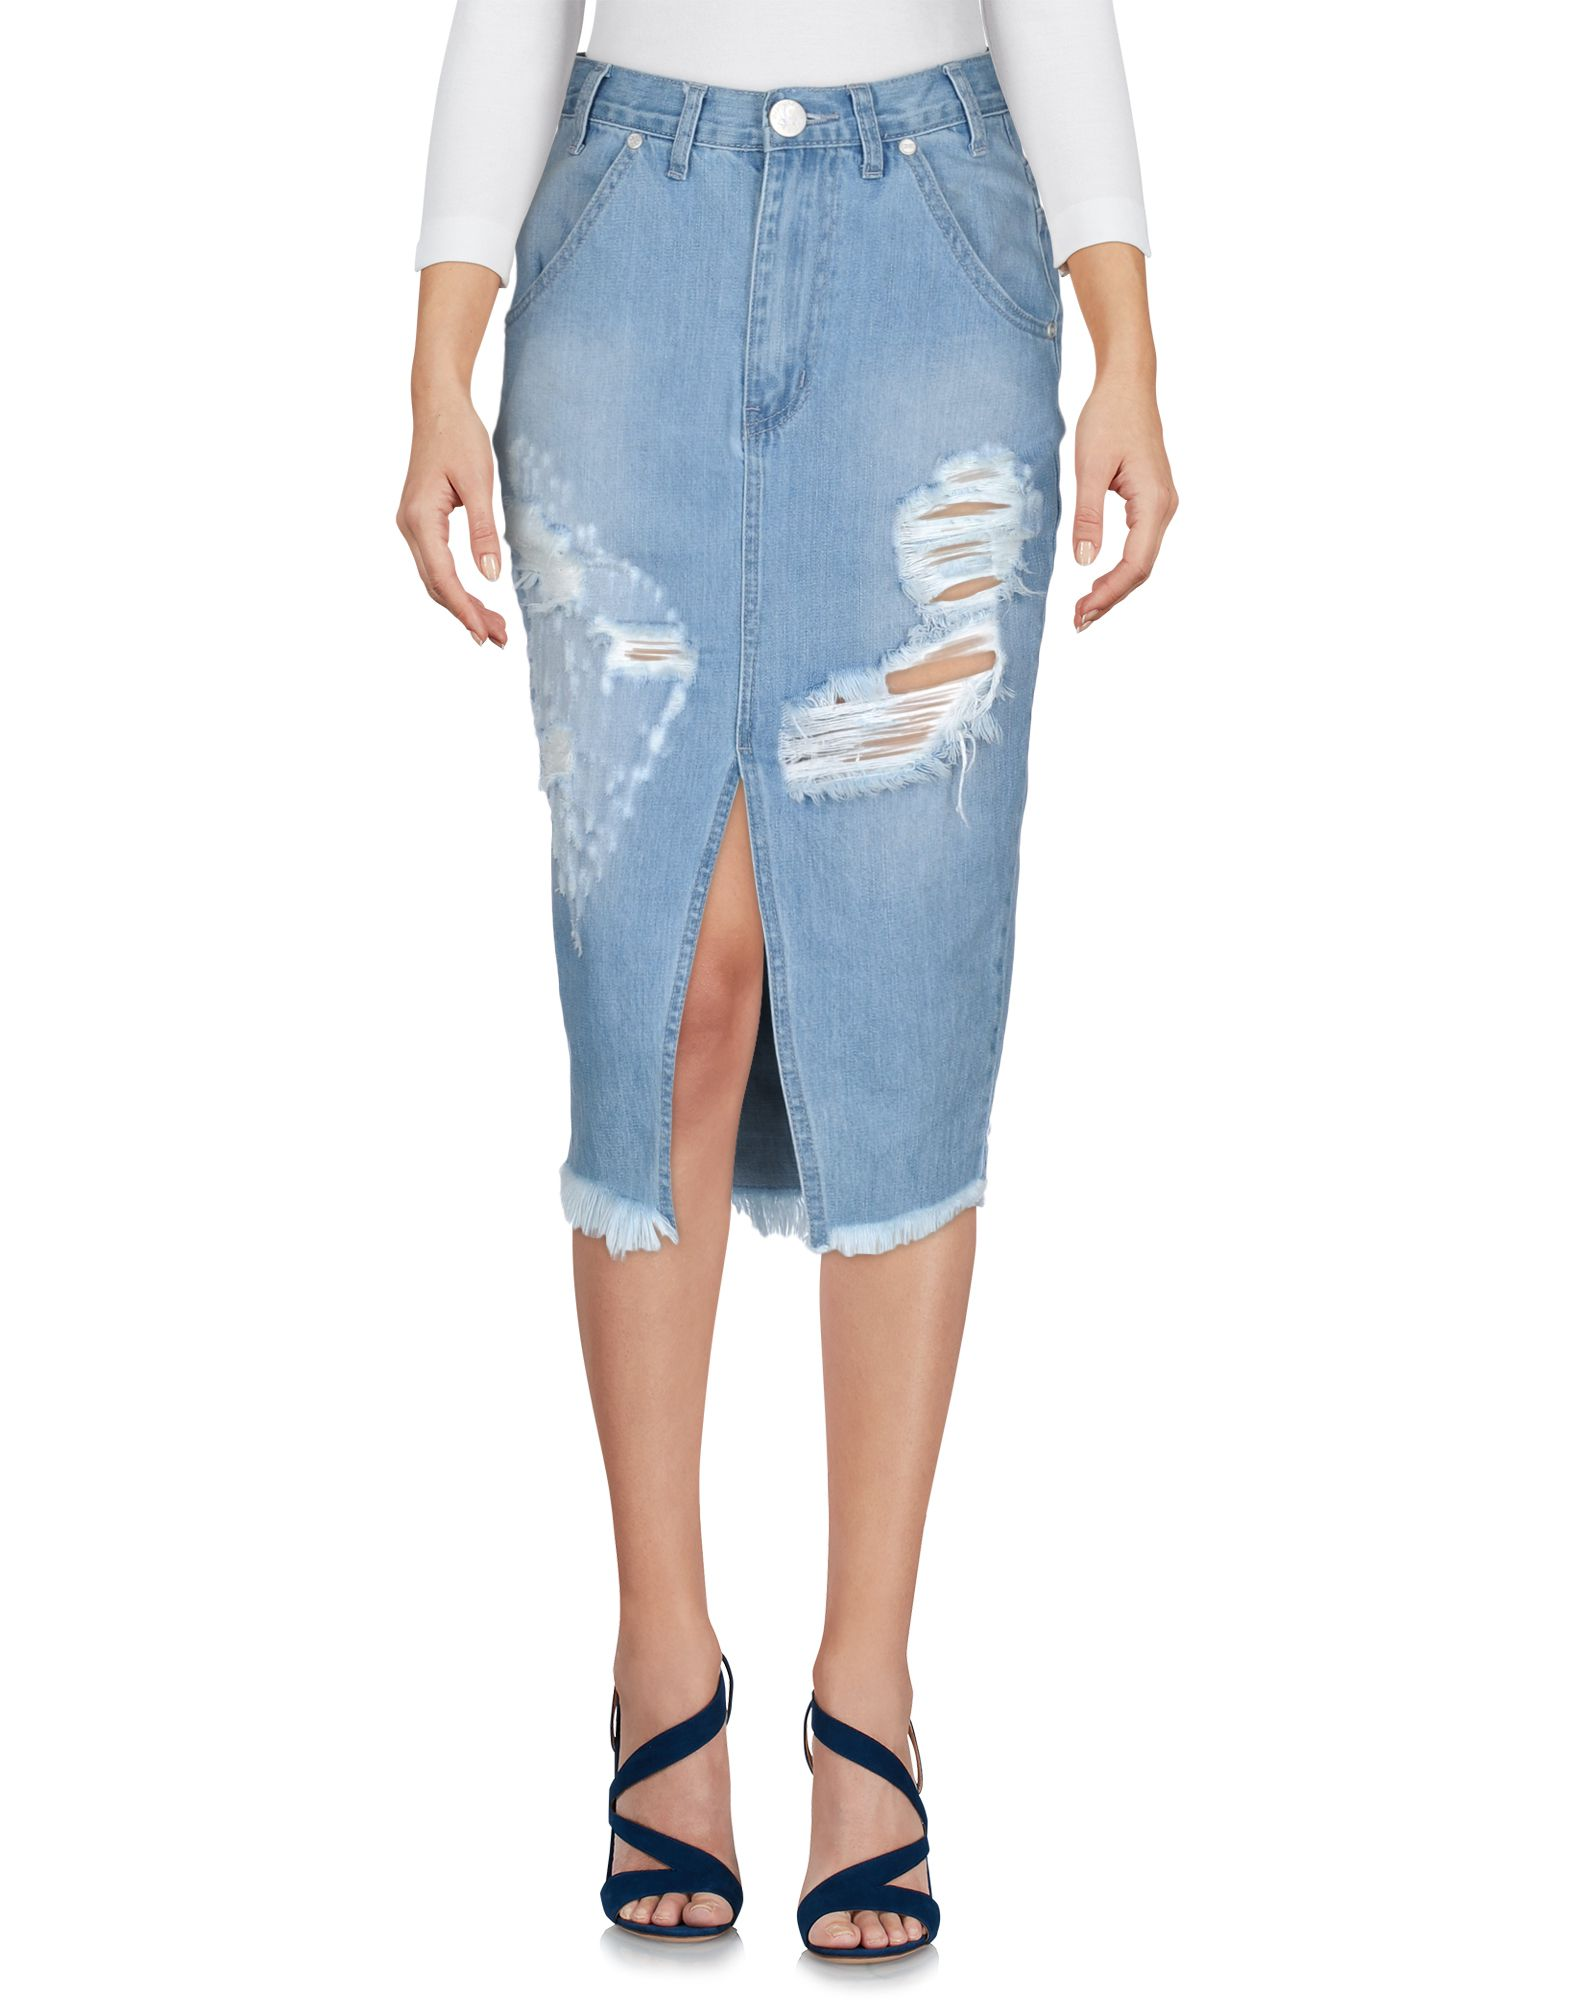 ONE x ONETEASPOON Damen Jeansrock Farbe Blau Größe 3